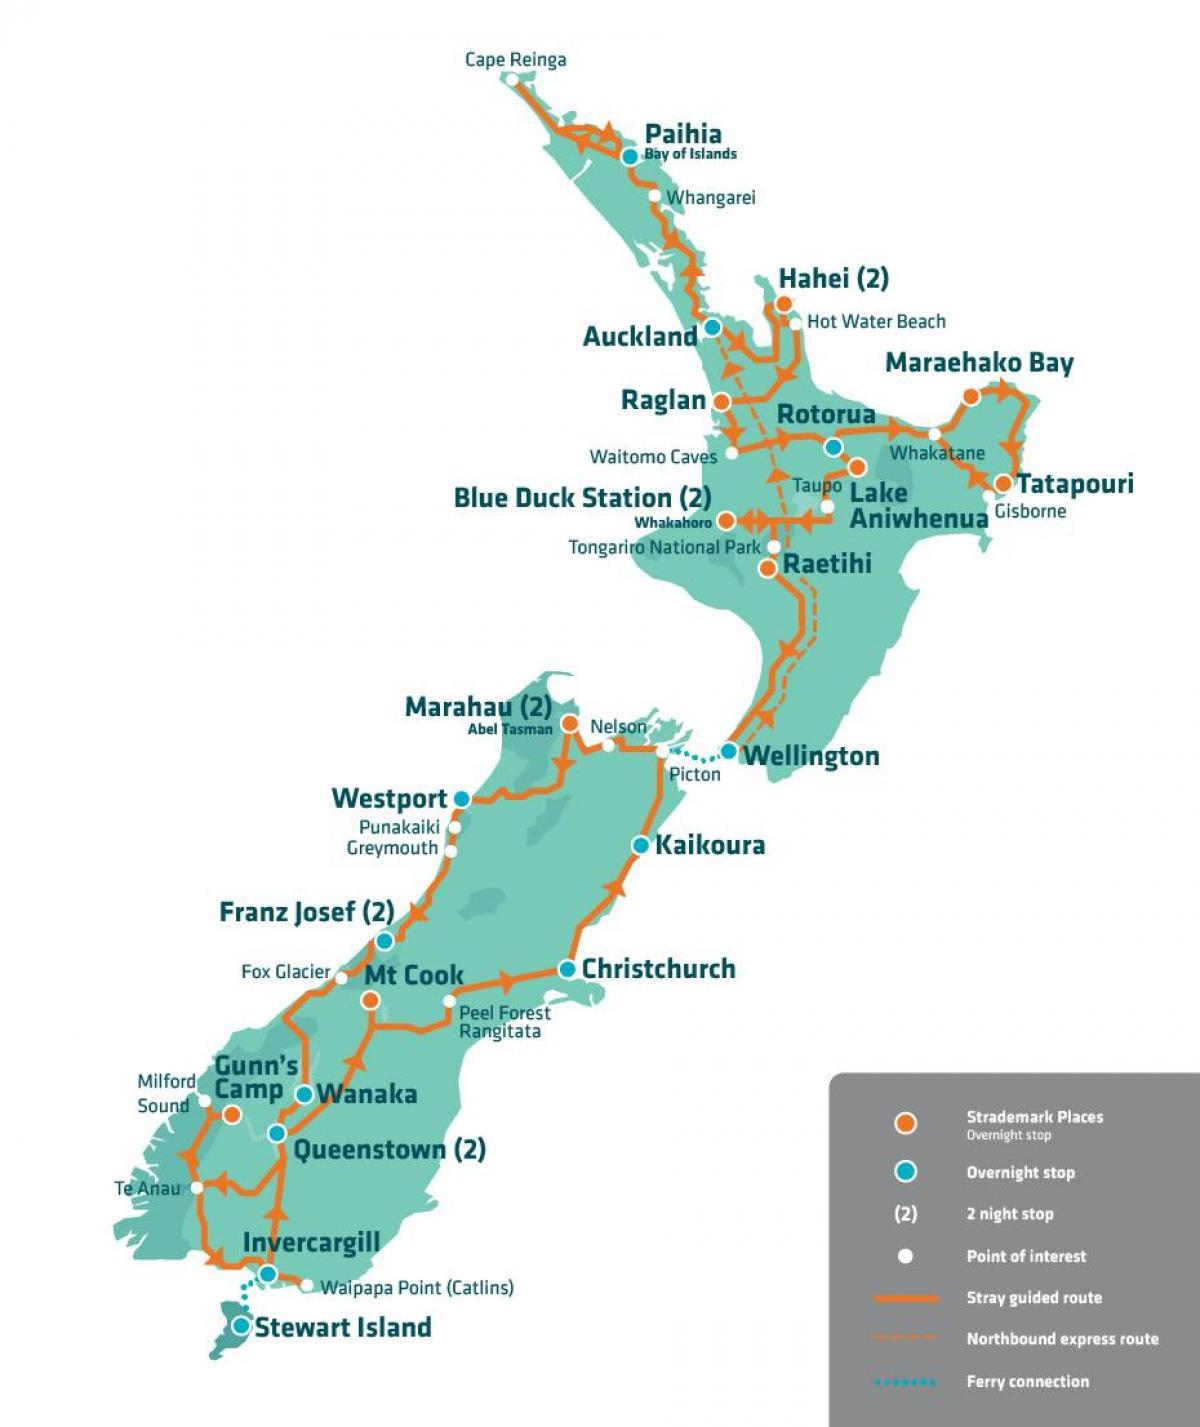 Uusi Seelanti Turisti Kartta Uuden Seelannin Nahtavyydet Kartta